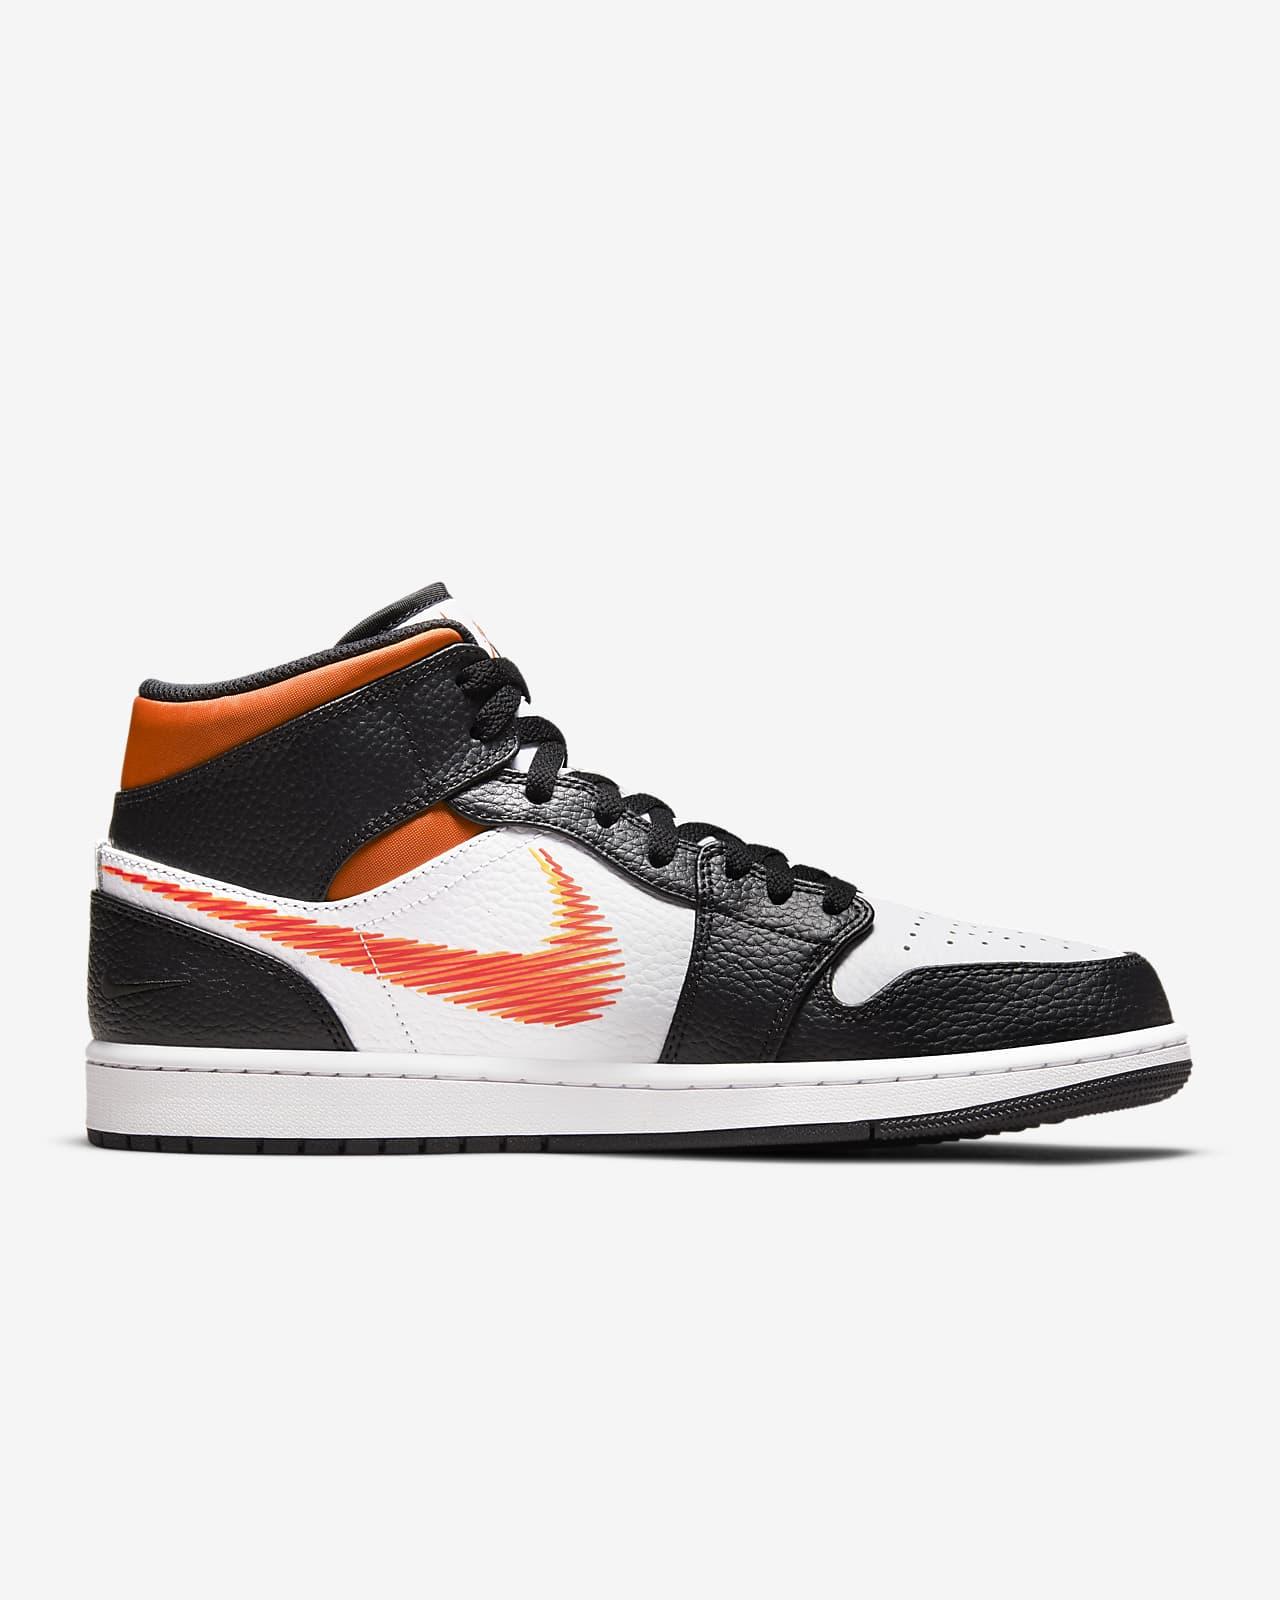 Chaussure Air Jordan 1 Mid pour Homme. Nike LU